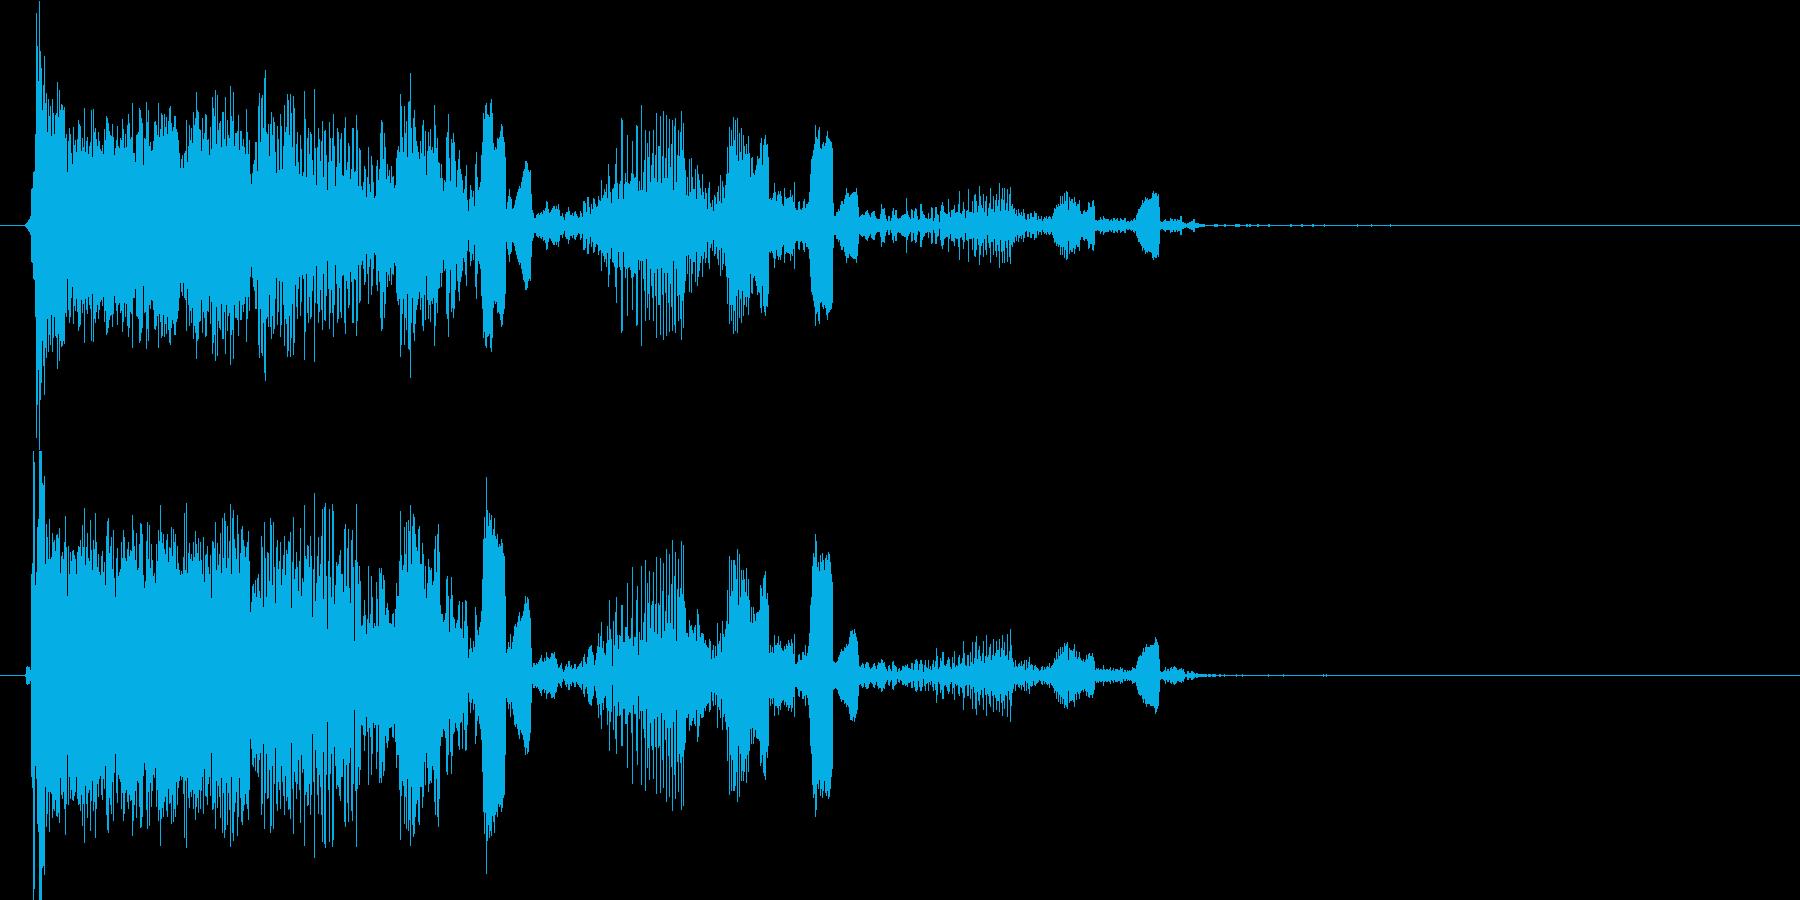 キュルキュル DJ、ラジオの再生済みの波形